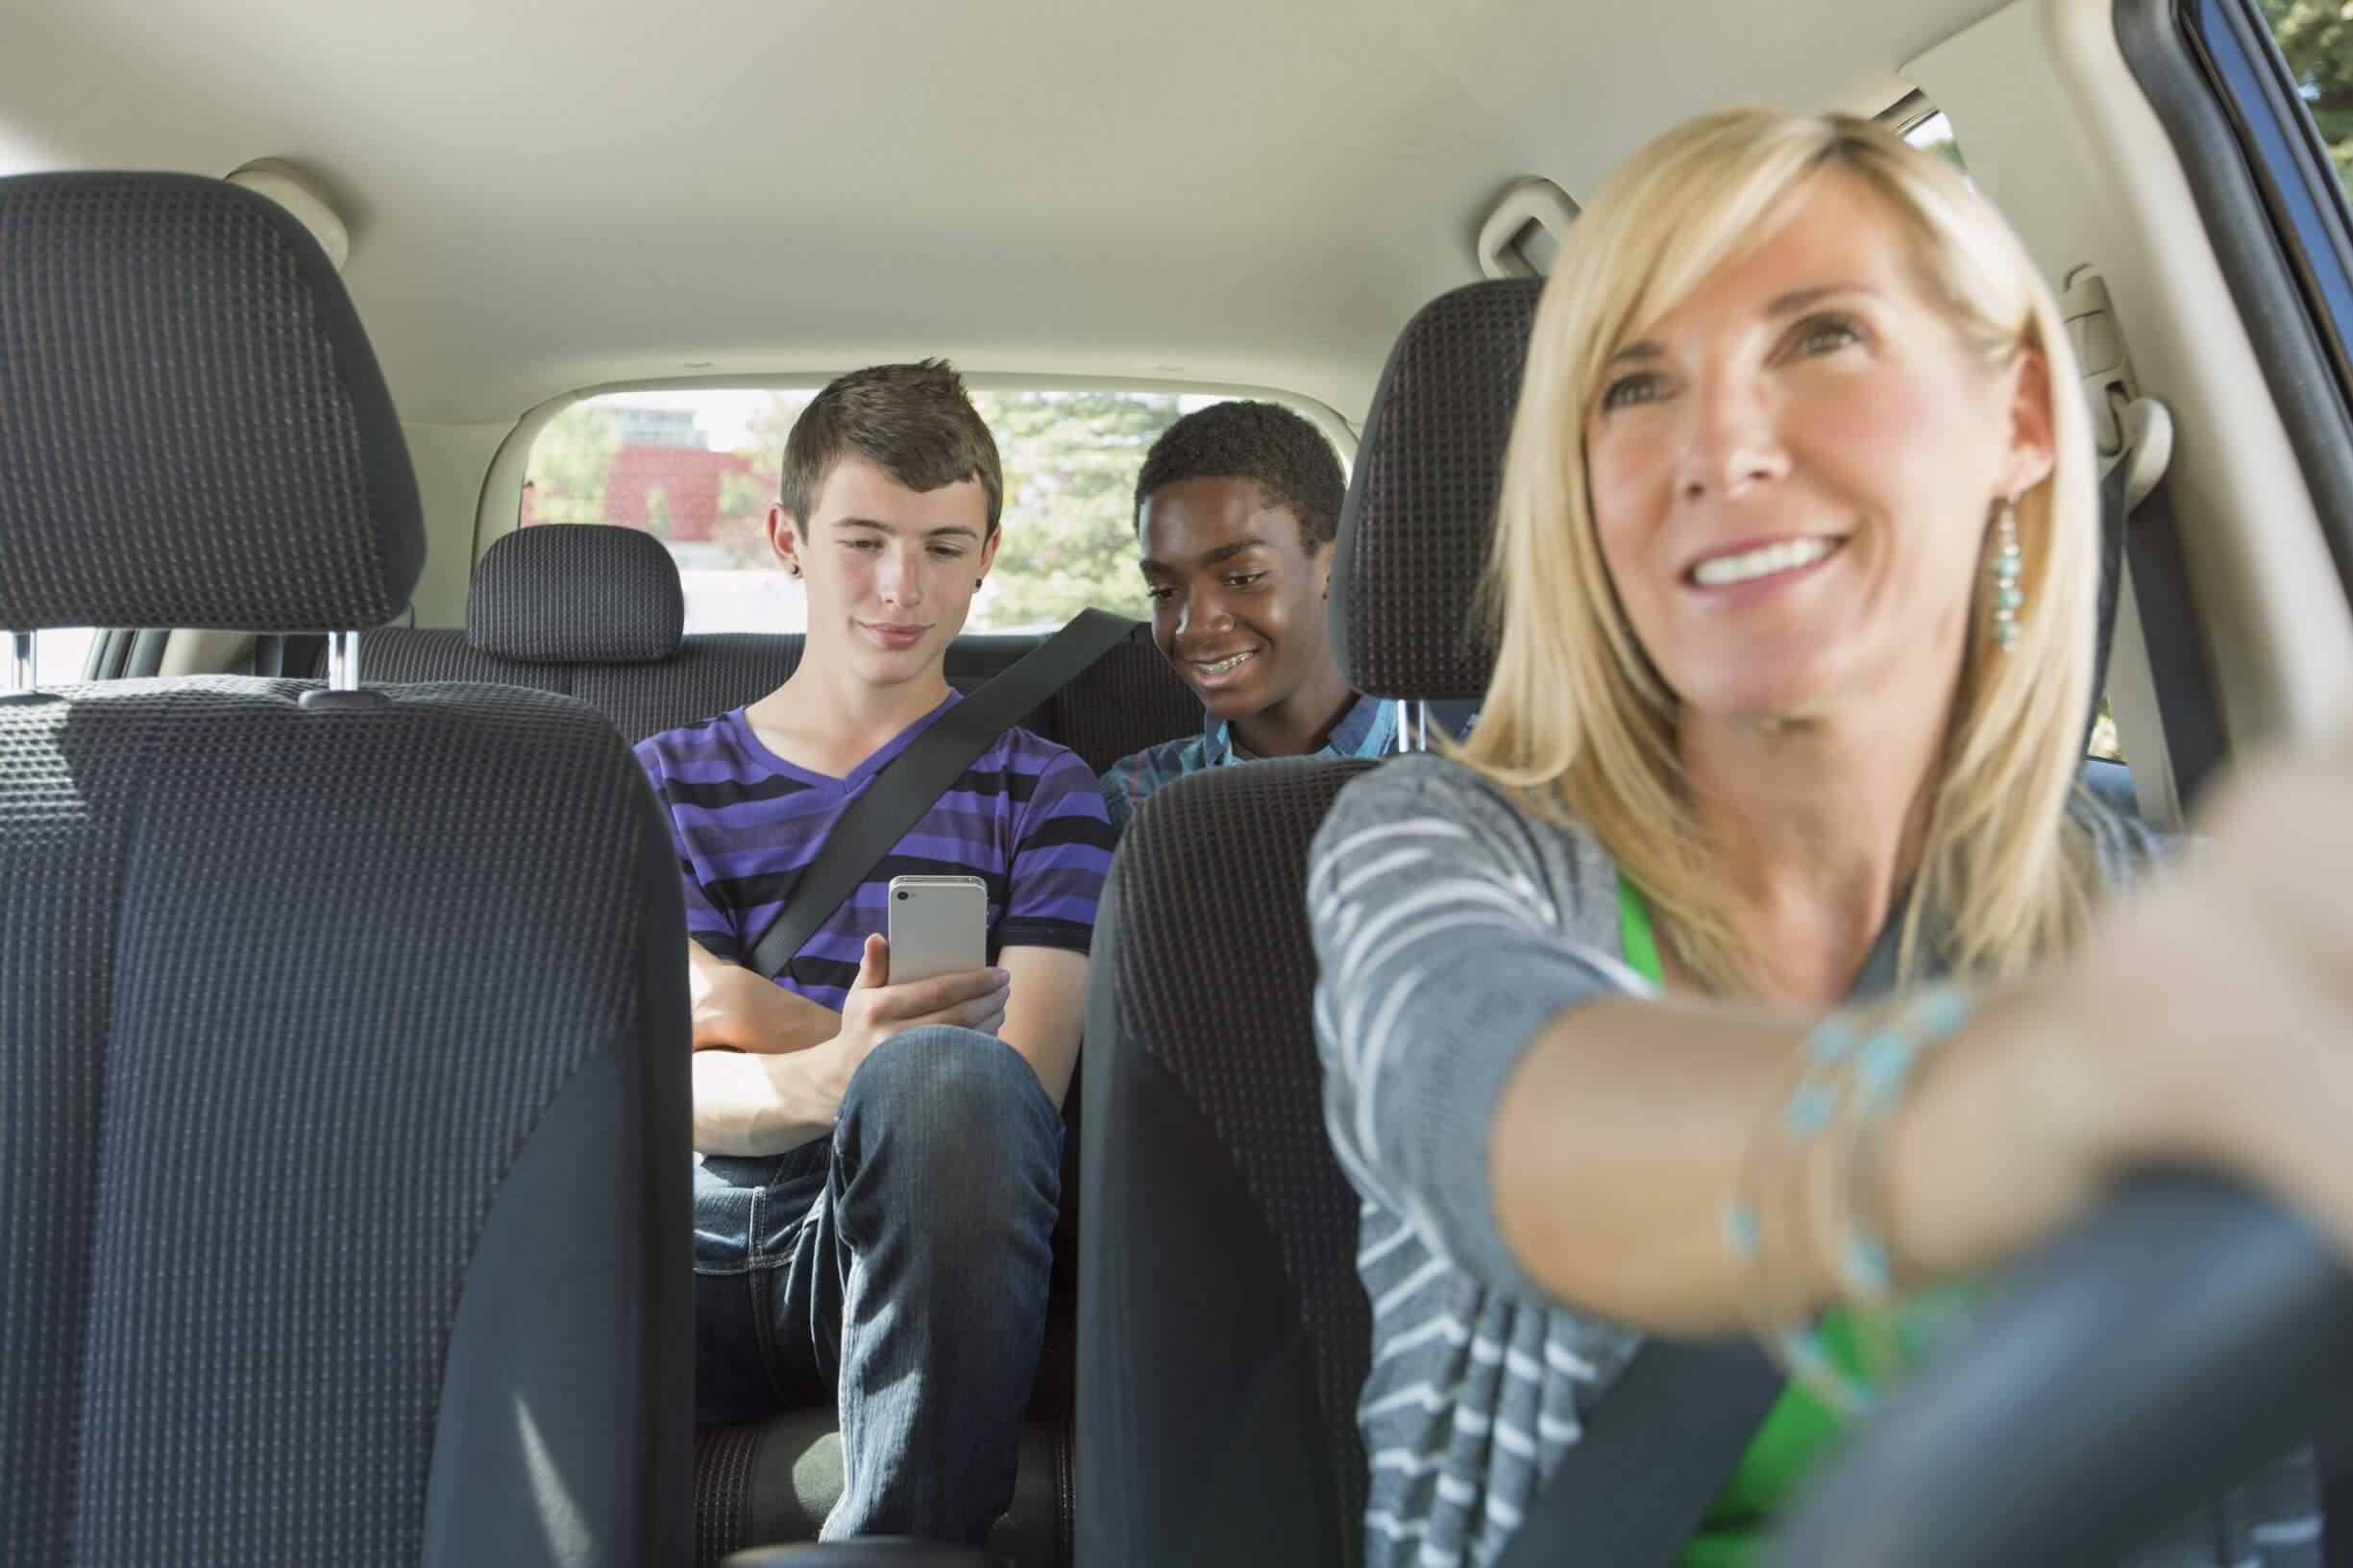 Mulher dirigindo carro, olhando para o banco traseiro pelo retrovisor. Banco traseiro com dois adolescentes olhando para um celular.